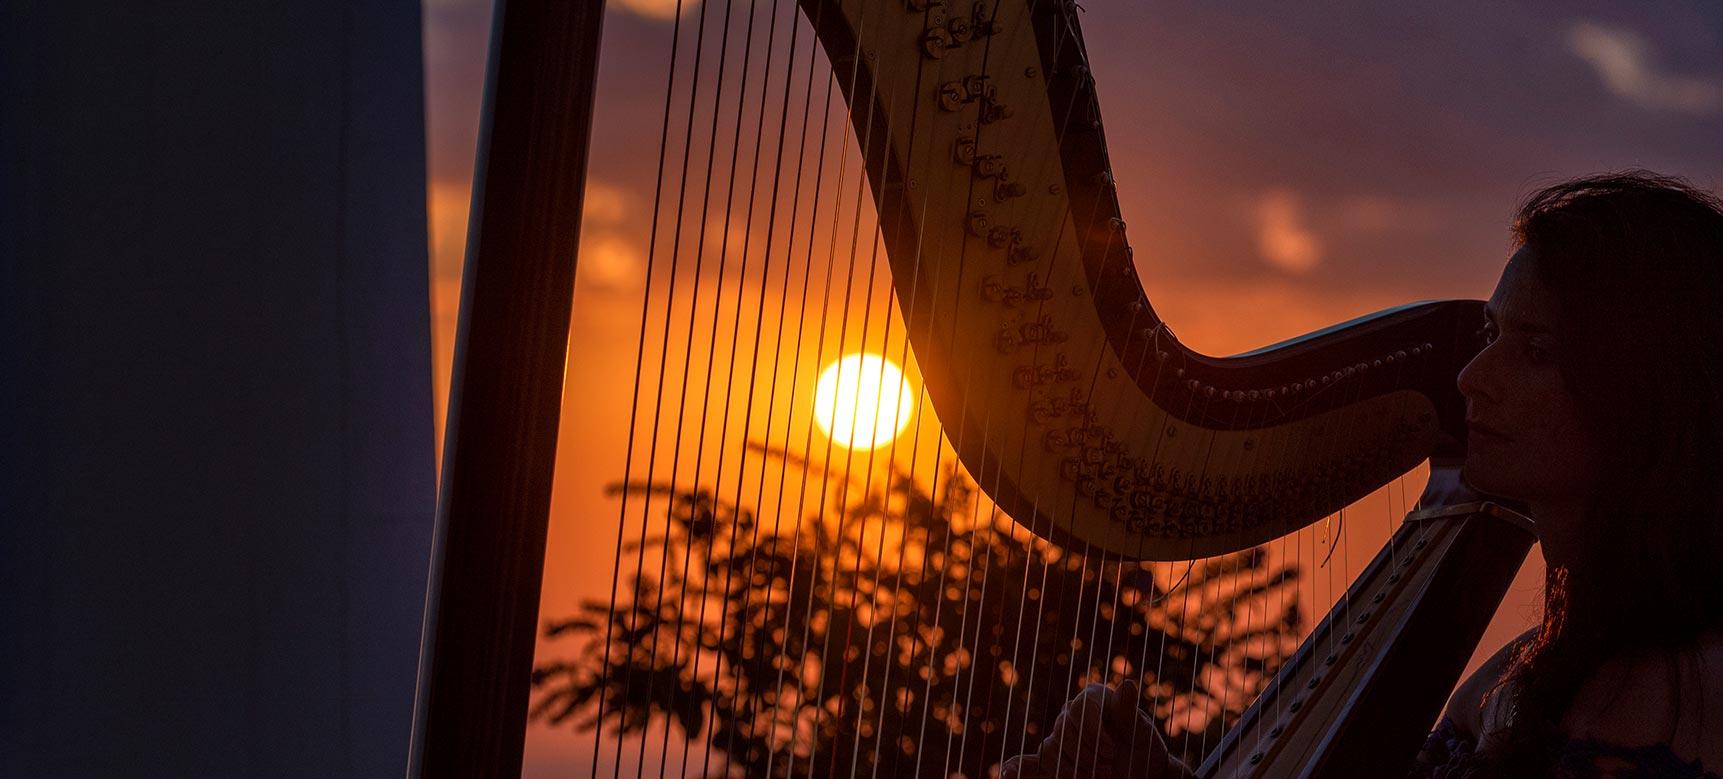 san-montano-resort-serata-tramonto-musica-arpa